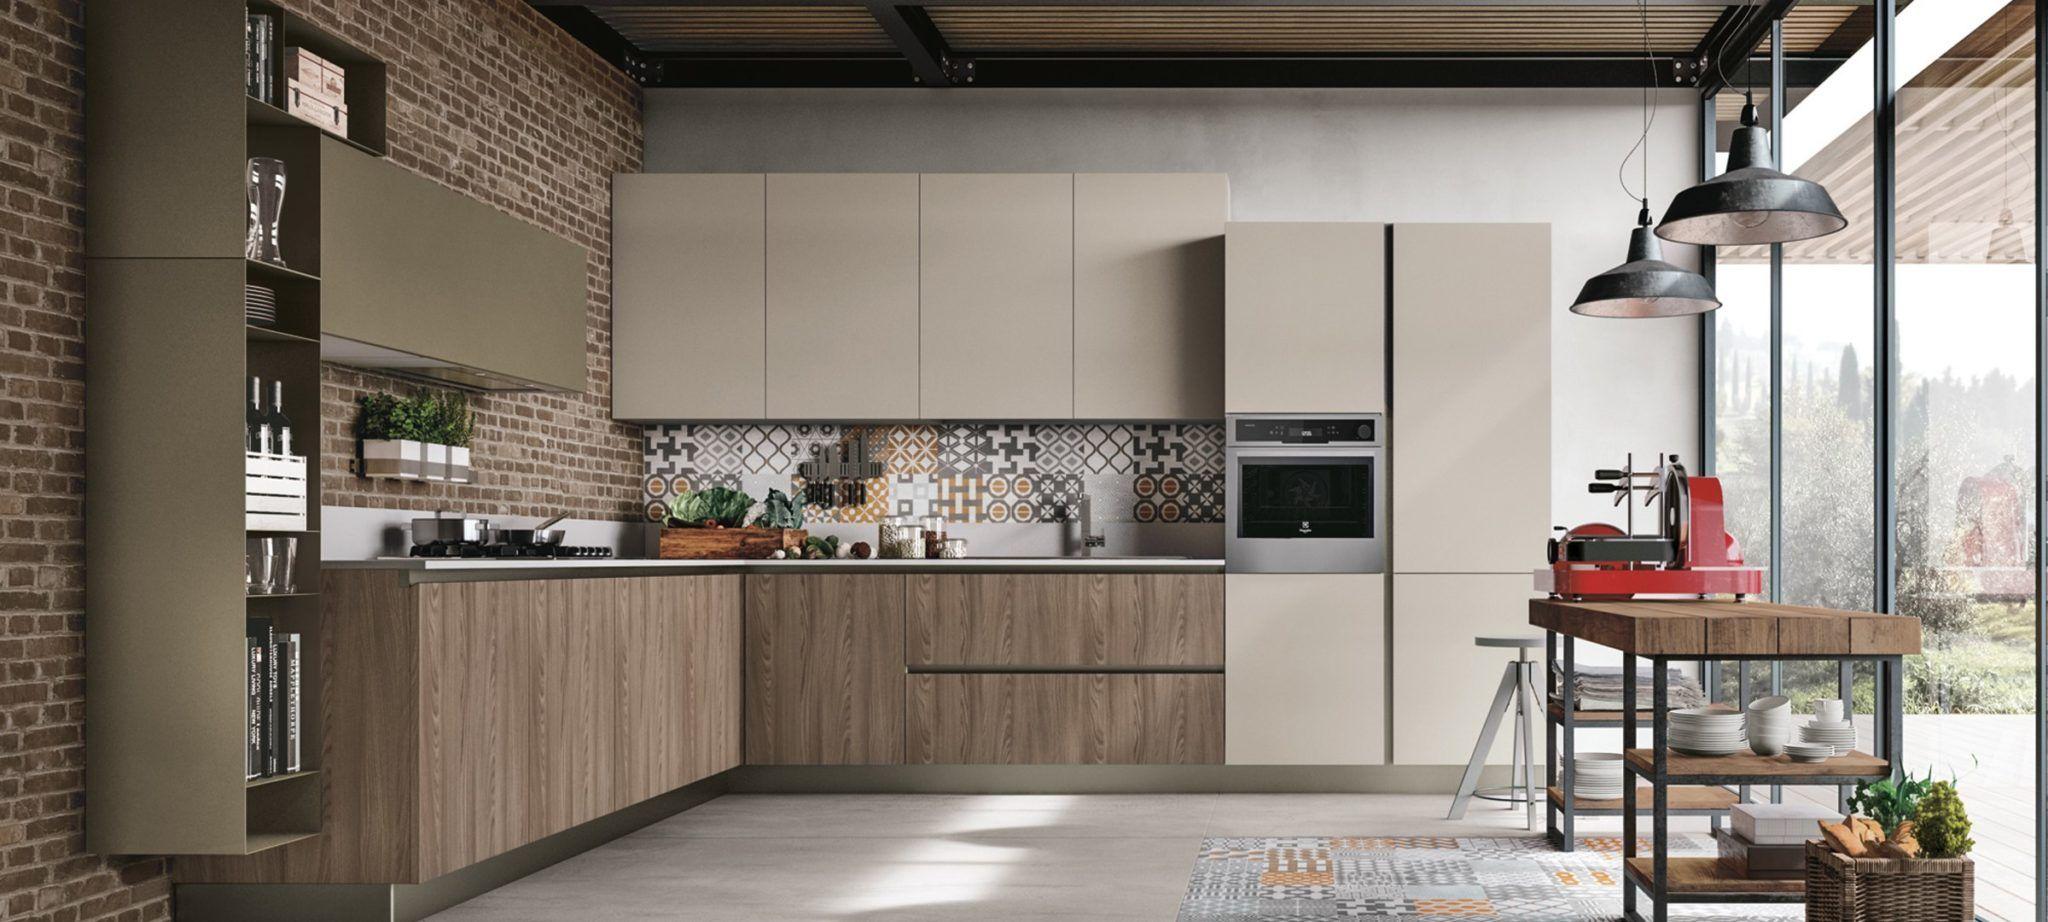 Cucine Moderne (con immagini) Progettazione di una